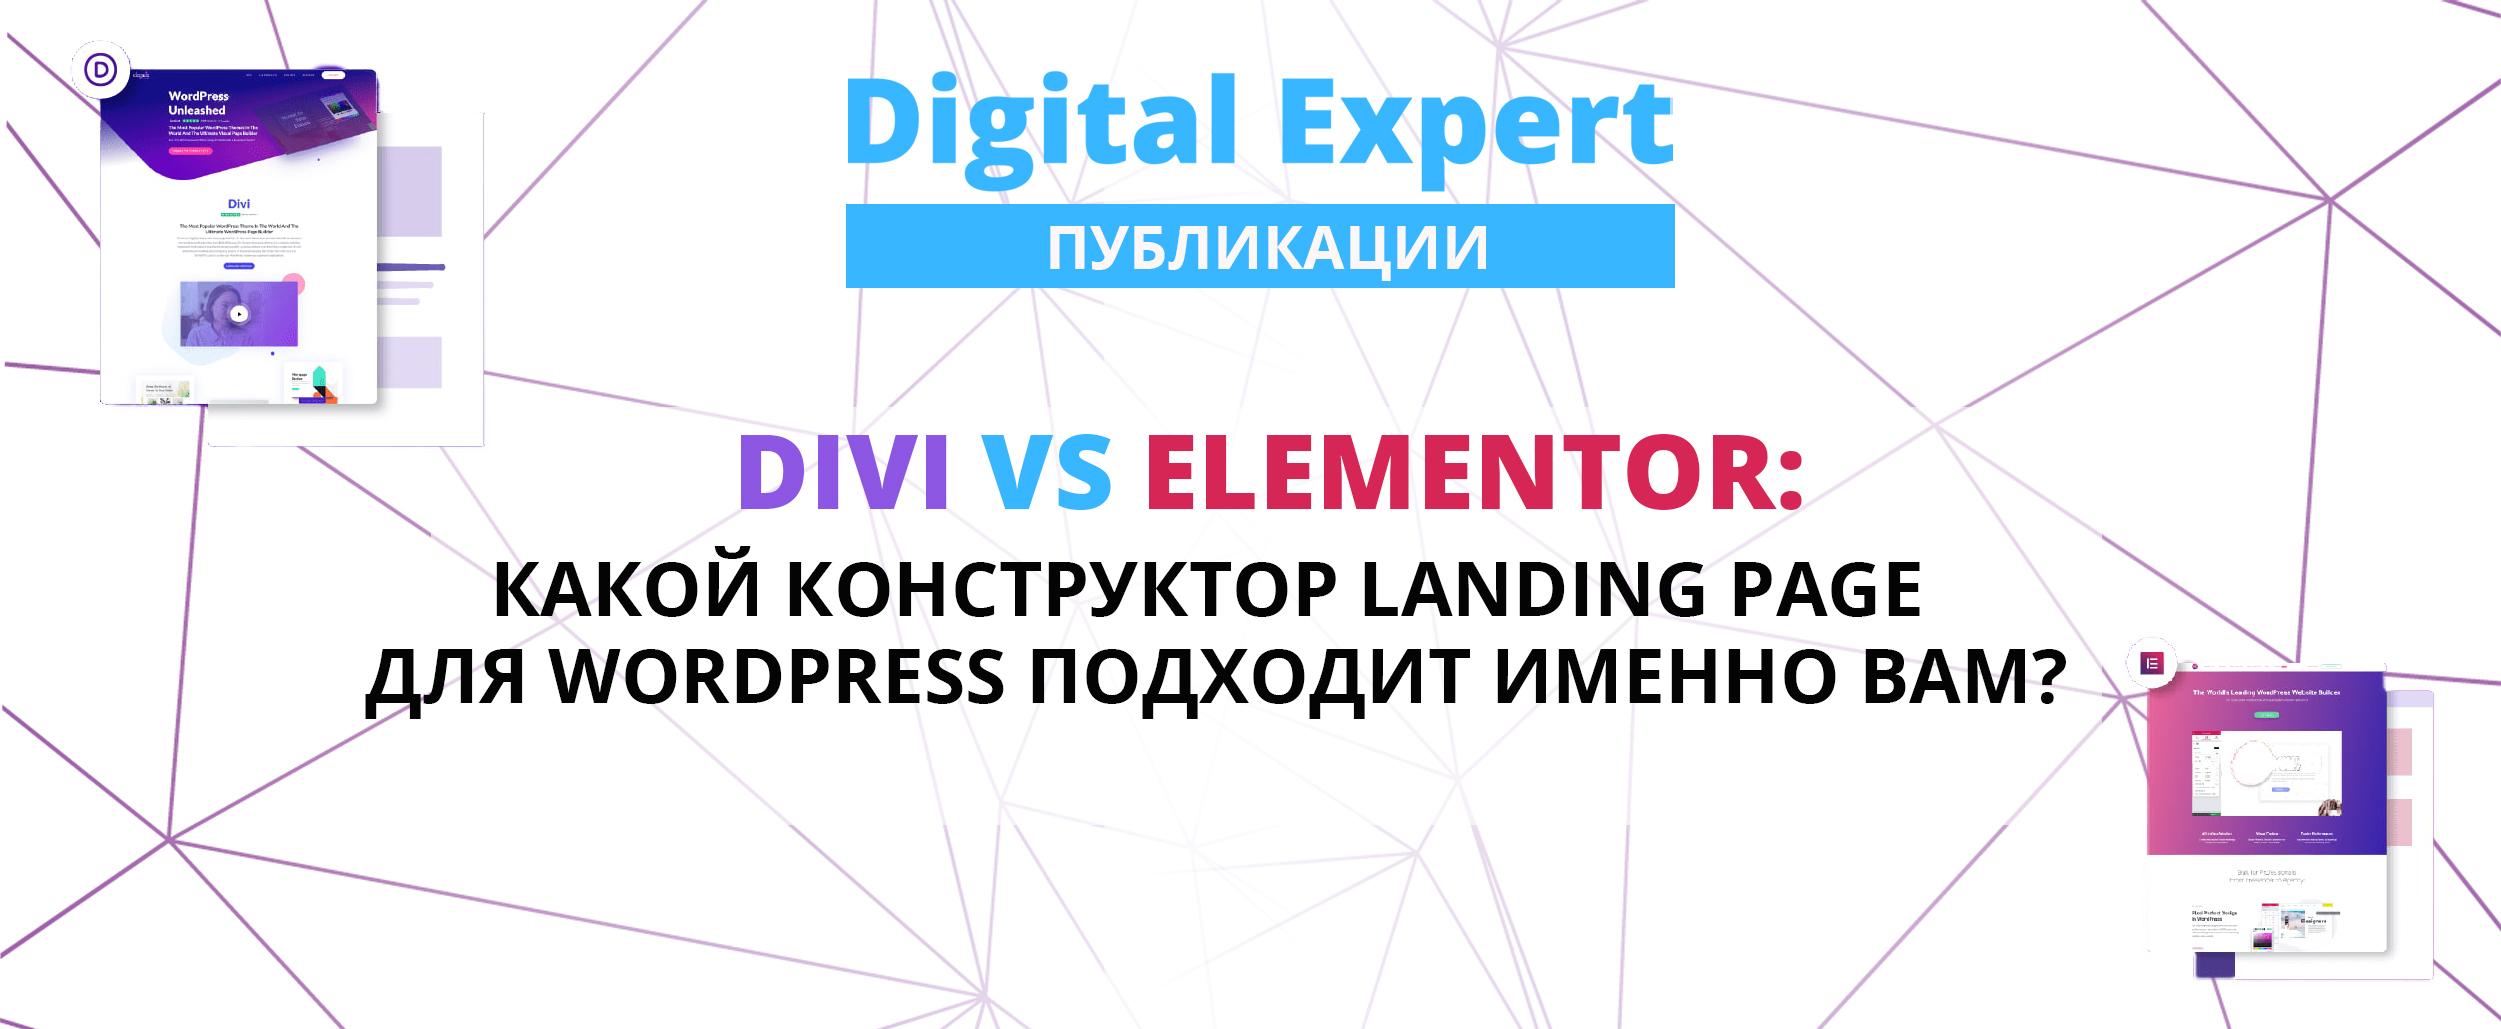 Divi vs Elementor: какой конструктор landing page выбрать